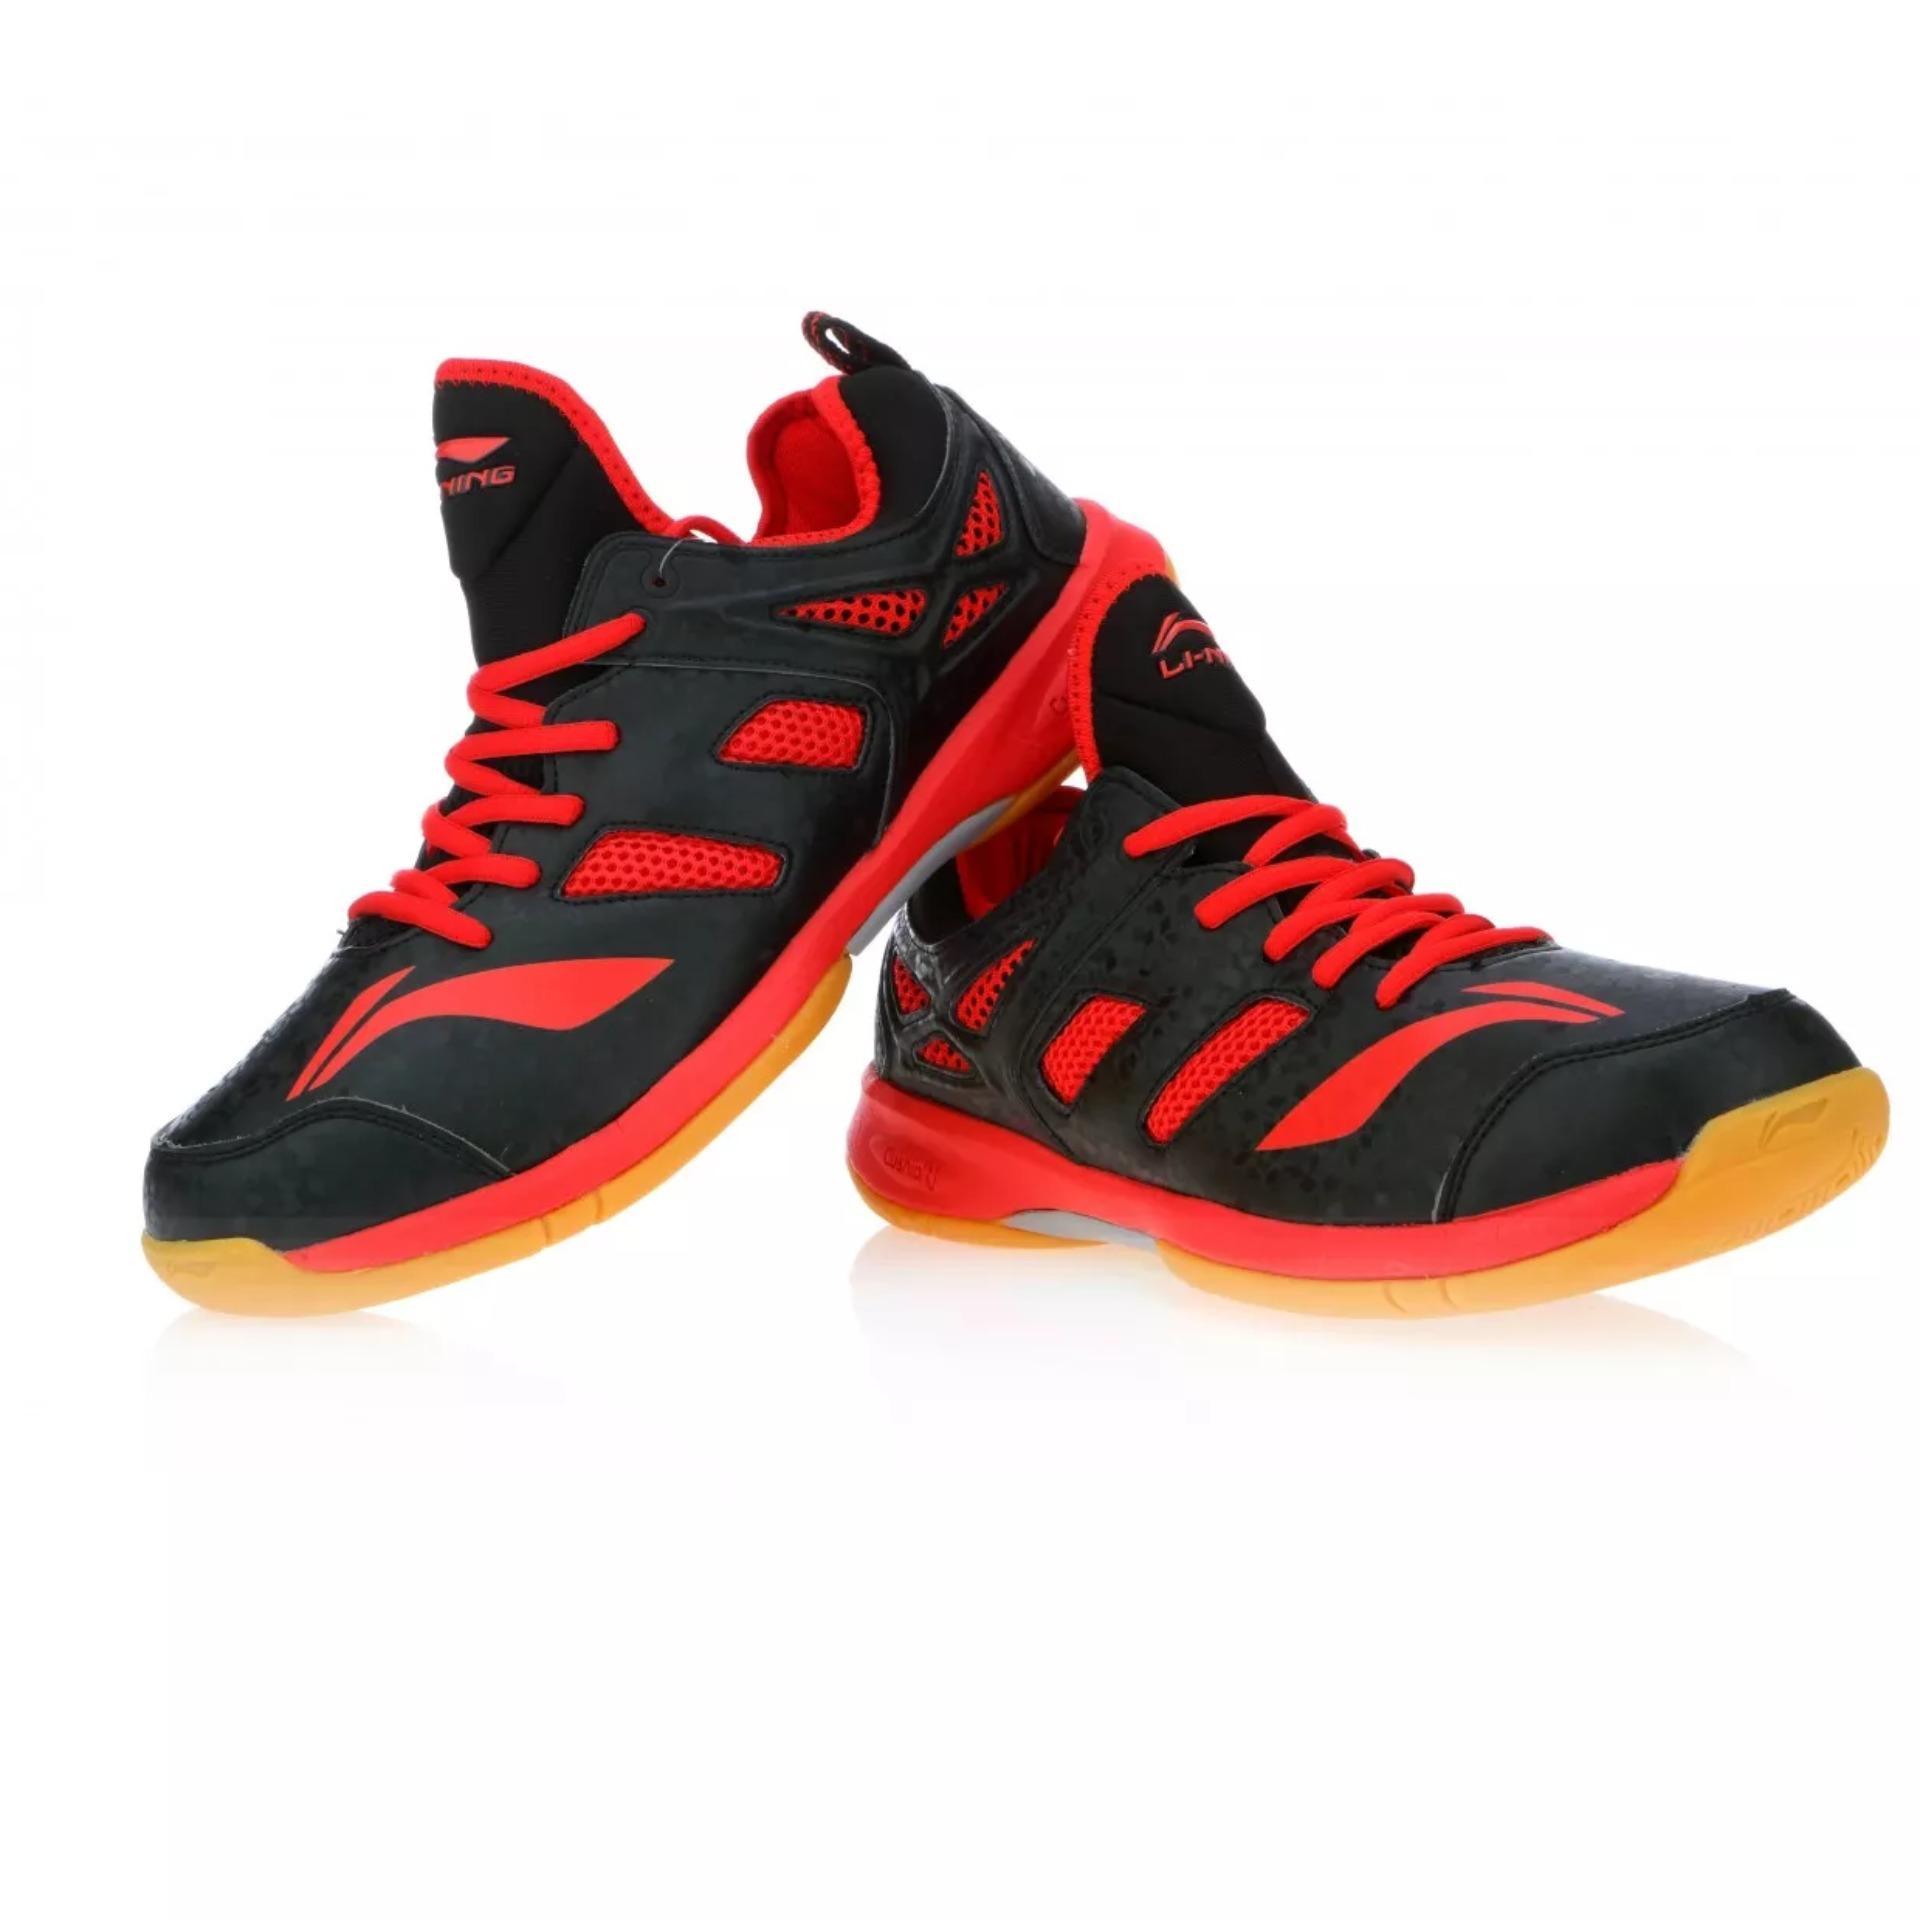 Spesifikasi Sepatu Lining Brio Dewasa Original Aytm091 Badminton Shoes Murah Diskon Sale Obral Jual Perlengkapan Bulutangkis Adha Sport